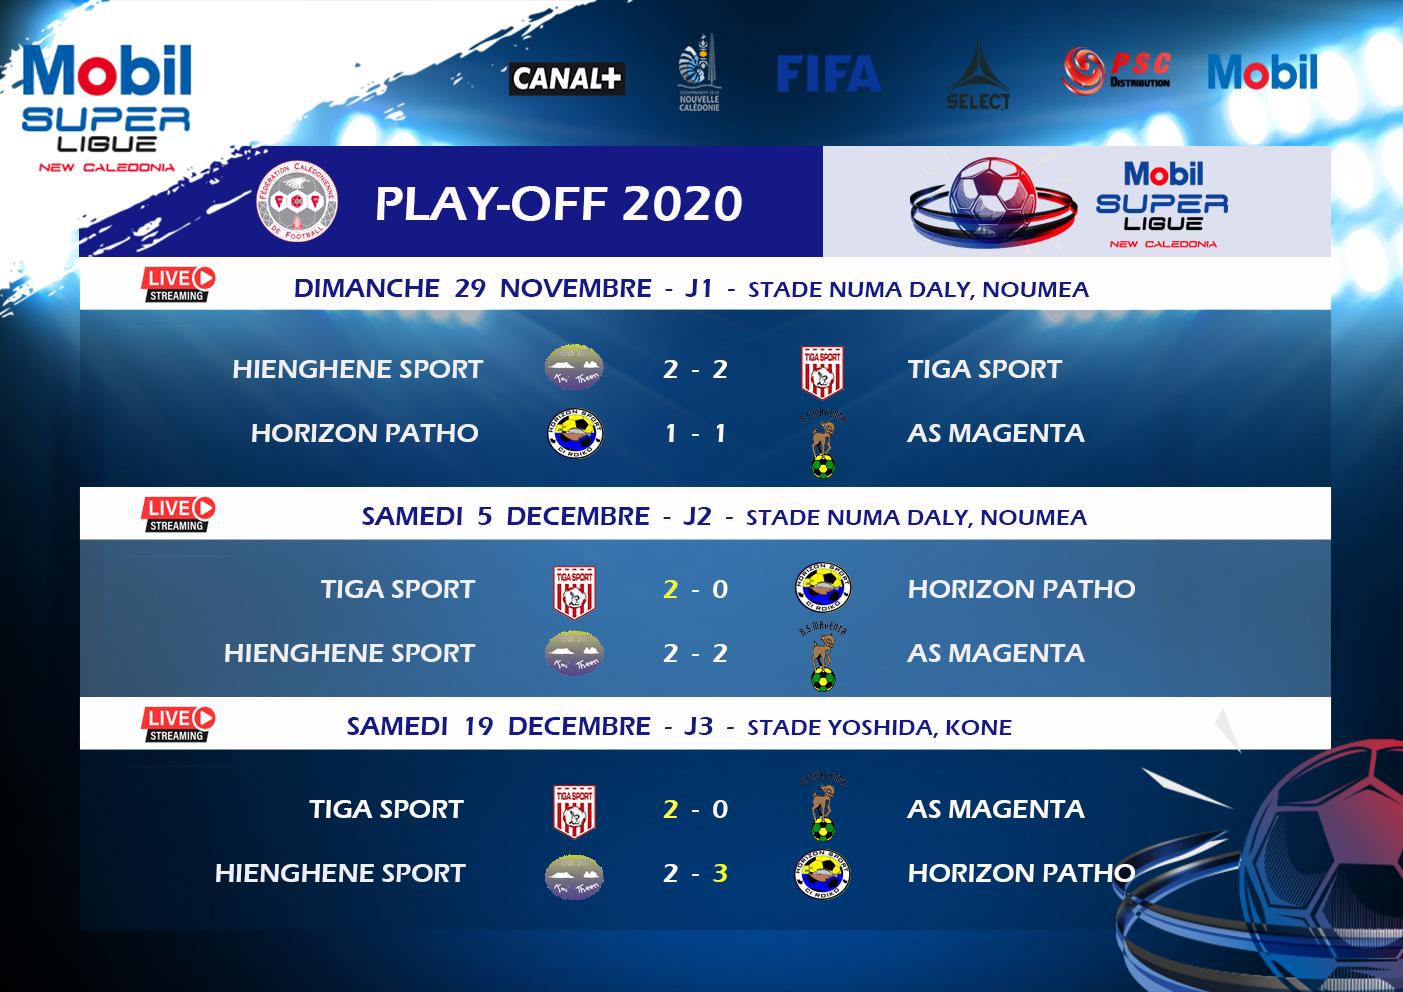 TIGA nouveau CHAMPION, et l'HORIZON PATHO aussi en Champions League / Résultats-Classement